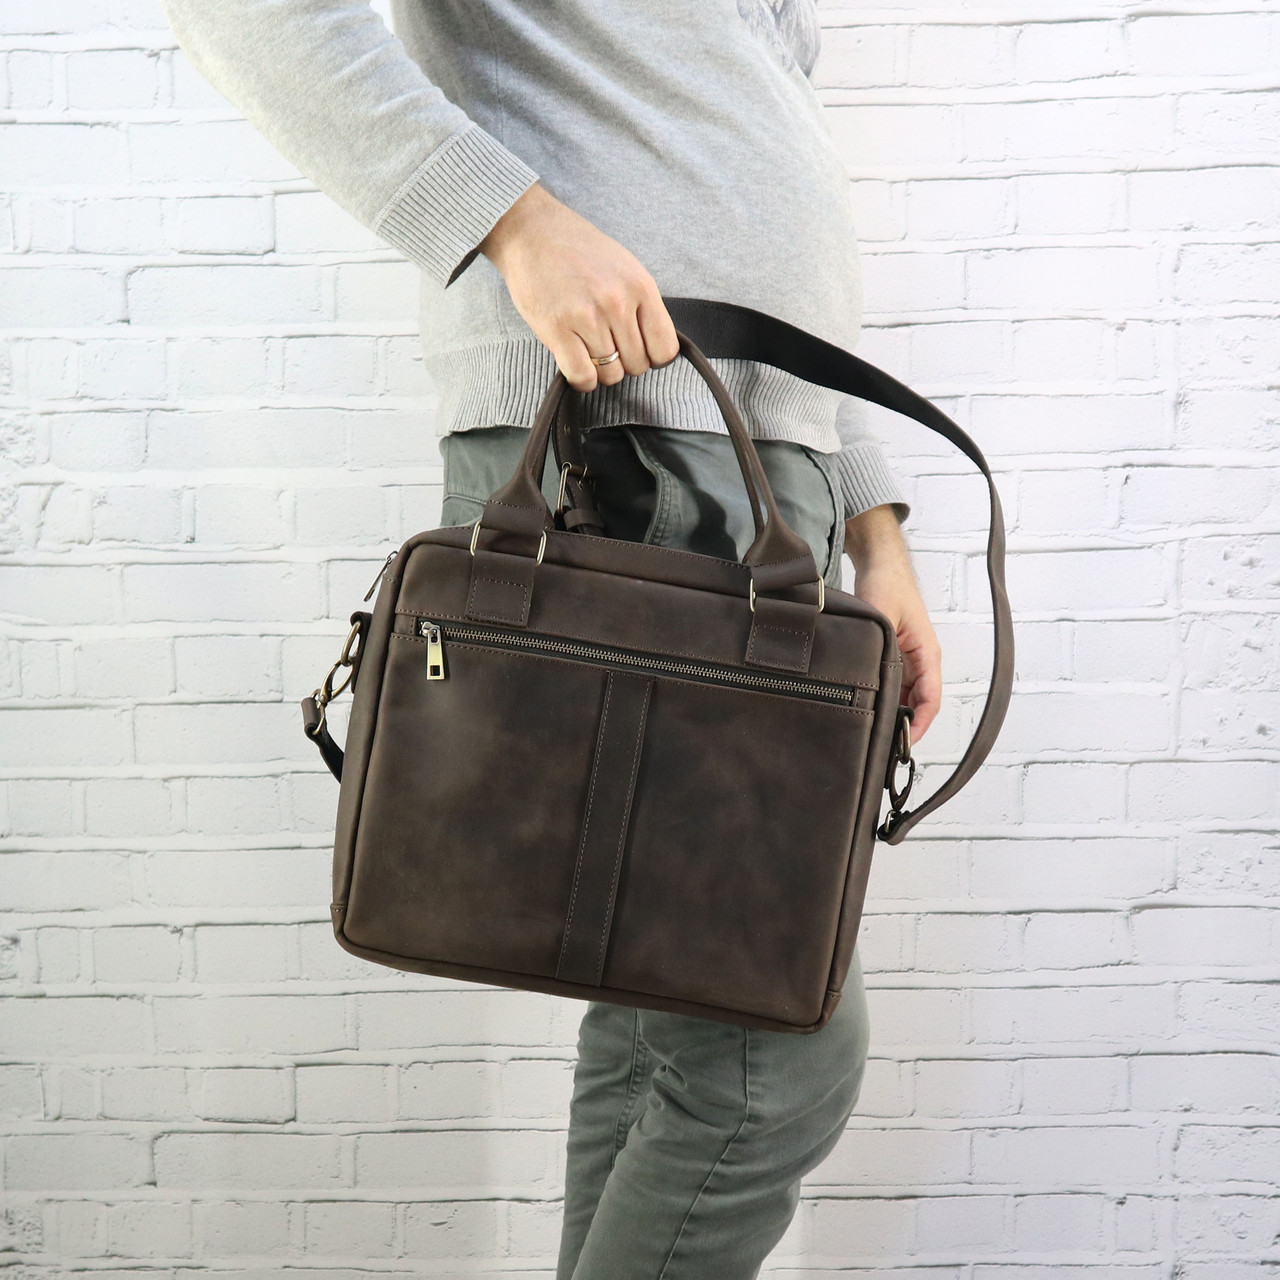 Портфель Mihey sv a4 коричневый из натуральной кожи crazy horse 1420602